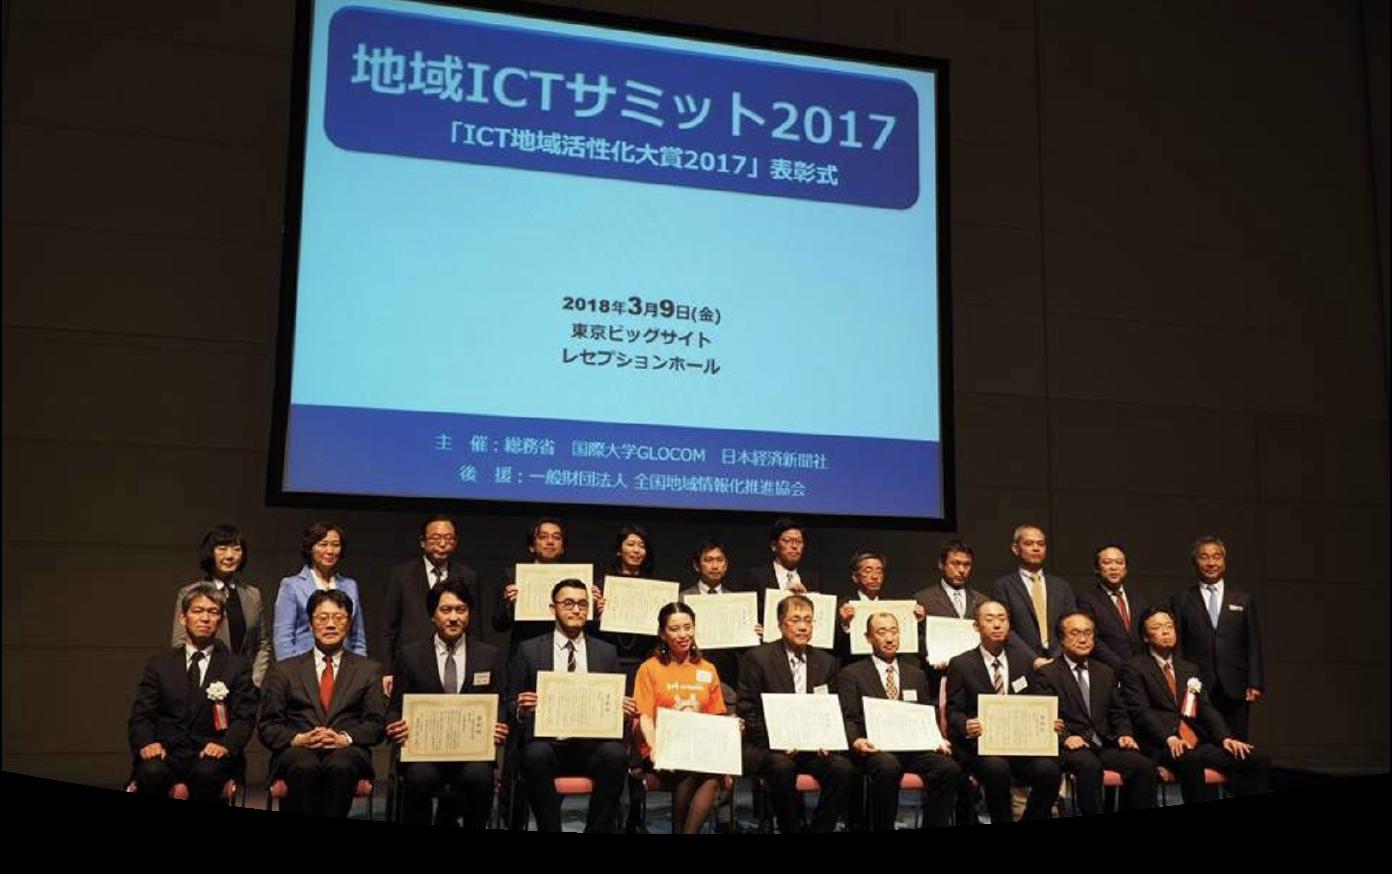 総務省ICT地域活性化大賞奨励賞2017